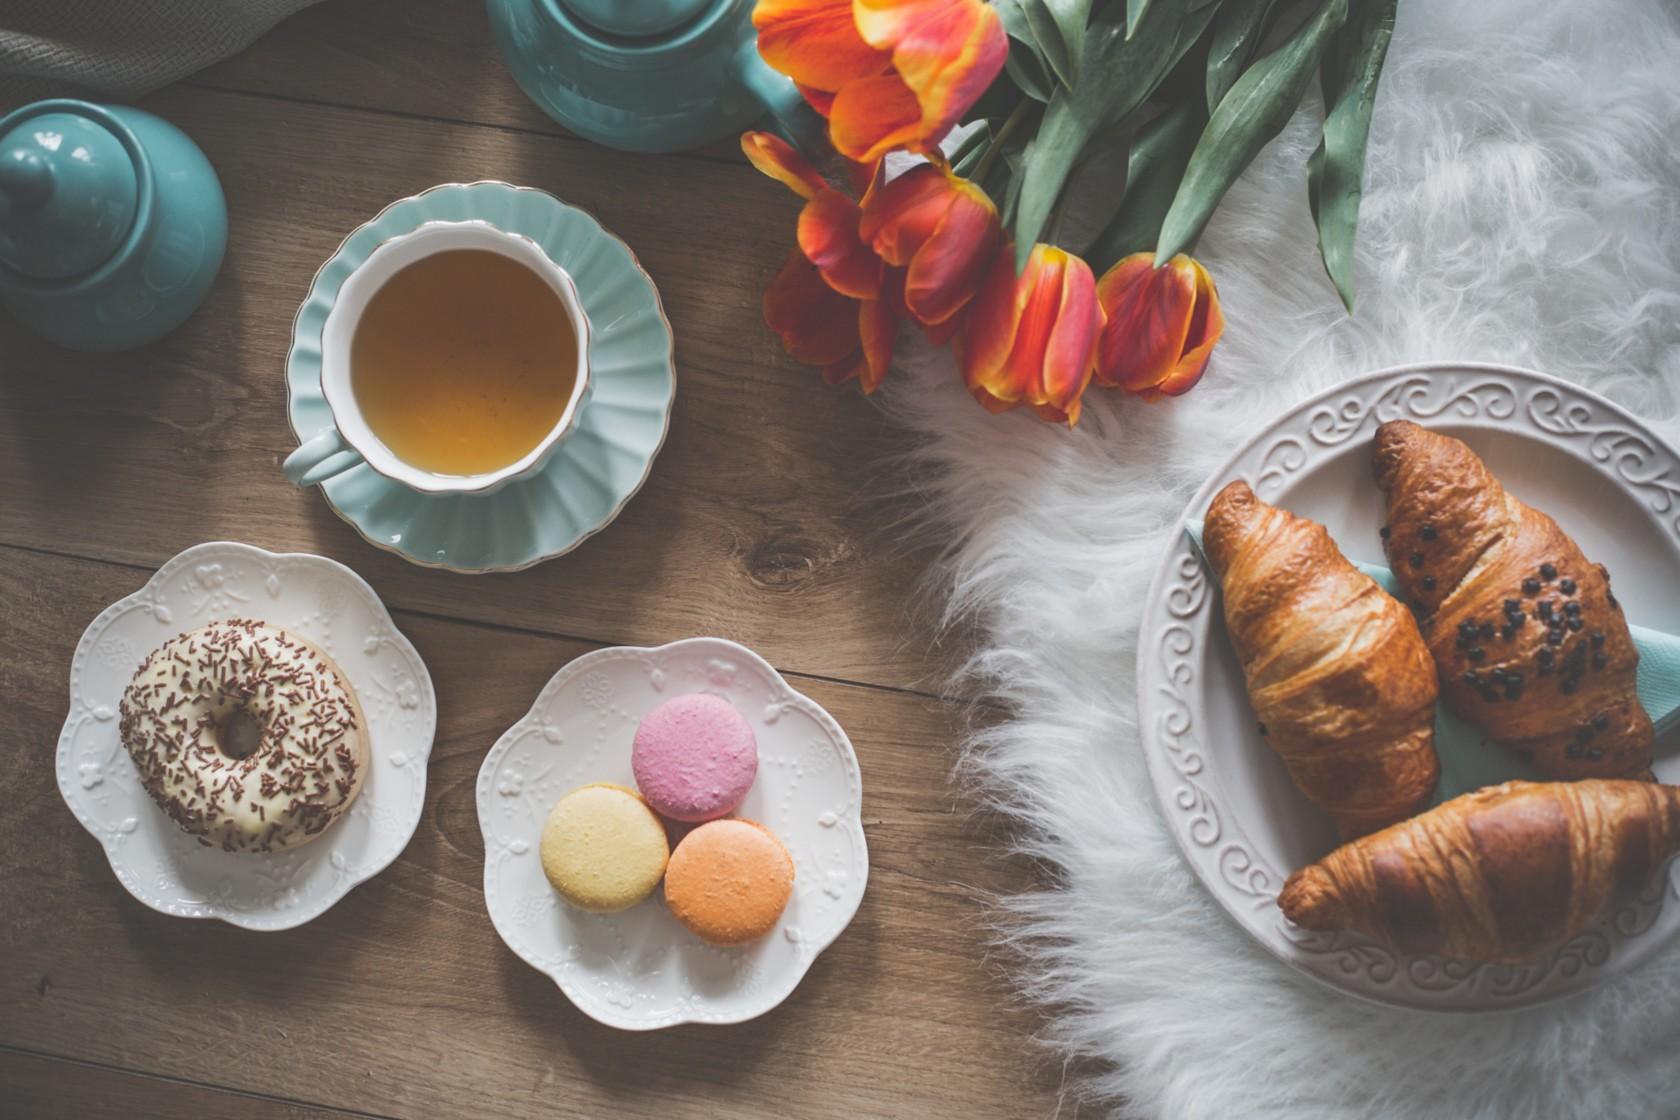 Kunstfell reinigen, weißes Kunstfell liegt auf dem Boden, Teller mit Croissants steht auf dem Kunstpelz